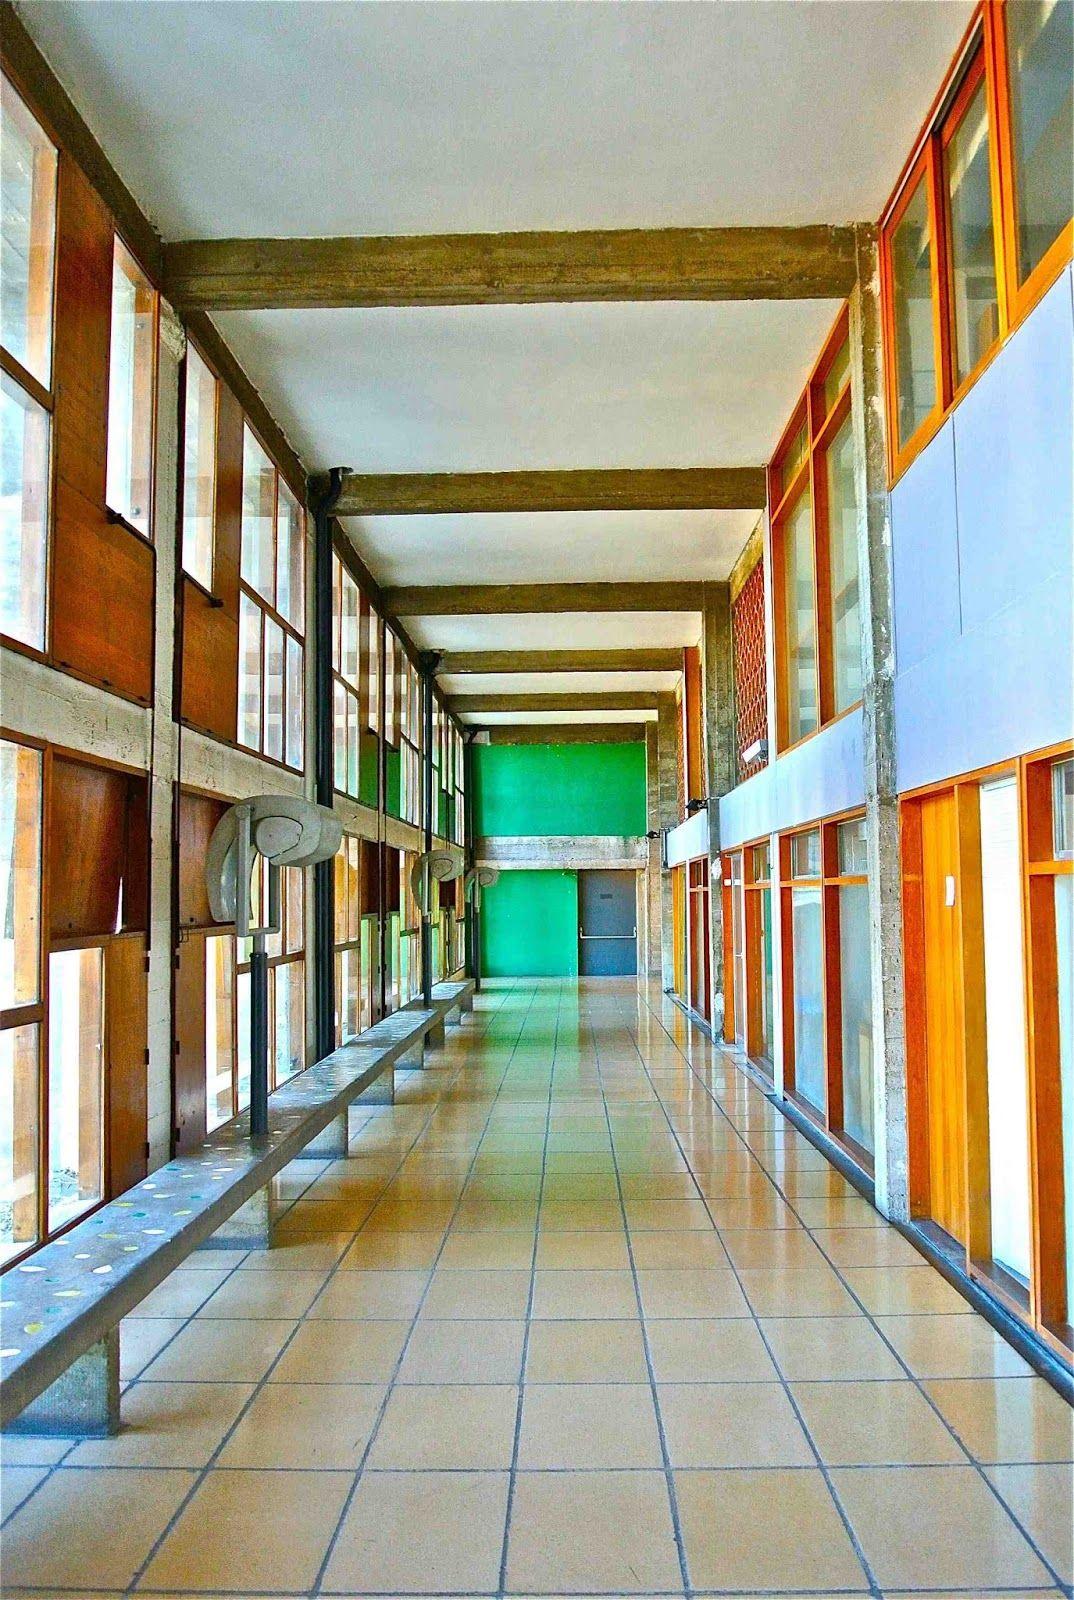 La cit radieuse le corbusier le corbusier pinterest - Le corbusier design ...